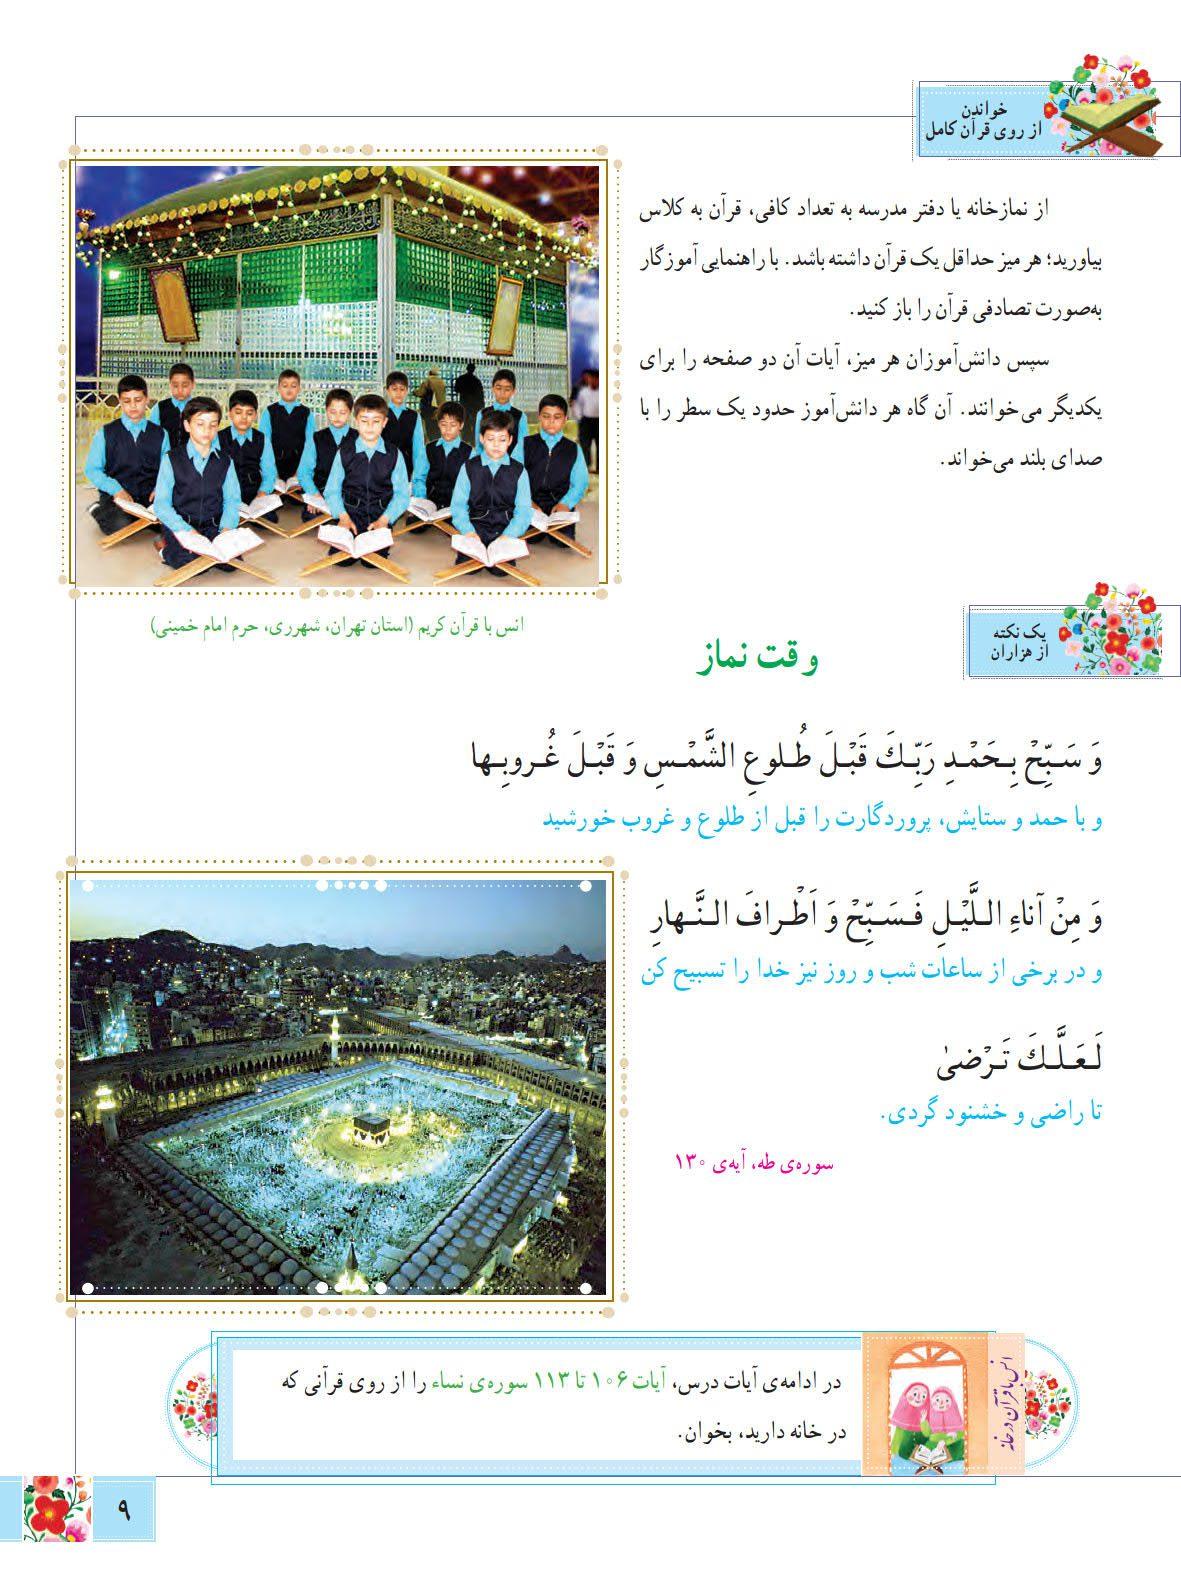 آموزش قرآن ششم - درس اول - کلاس اینترنتی ما - مومکا (8)